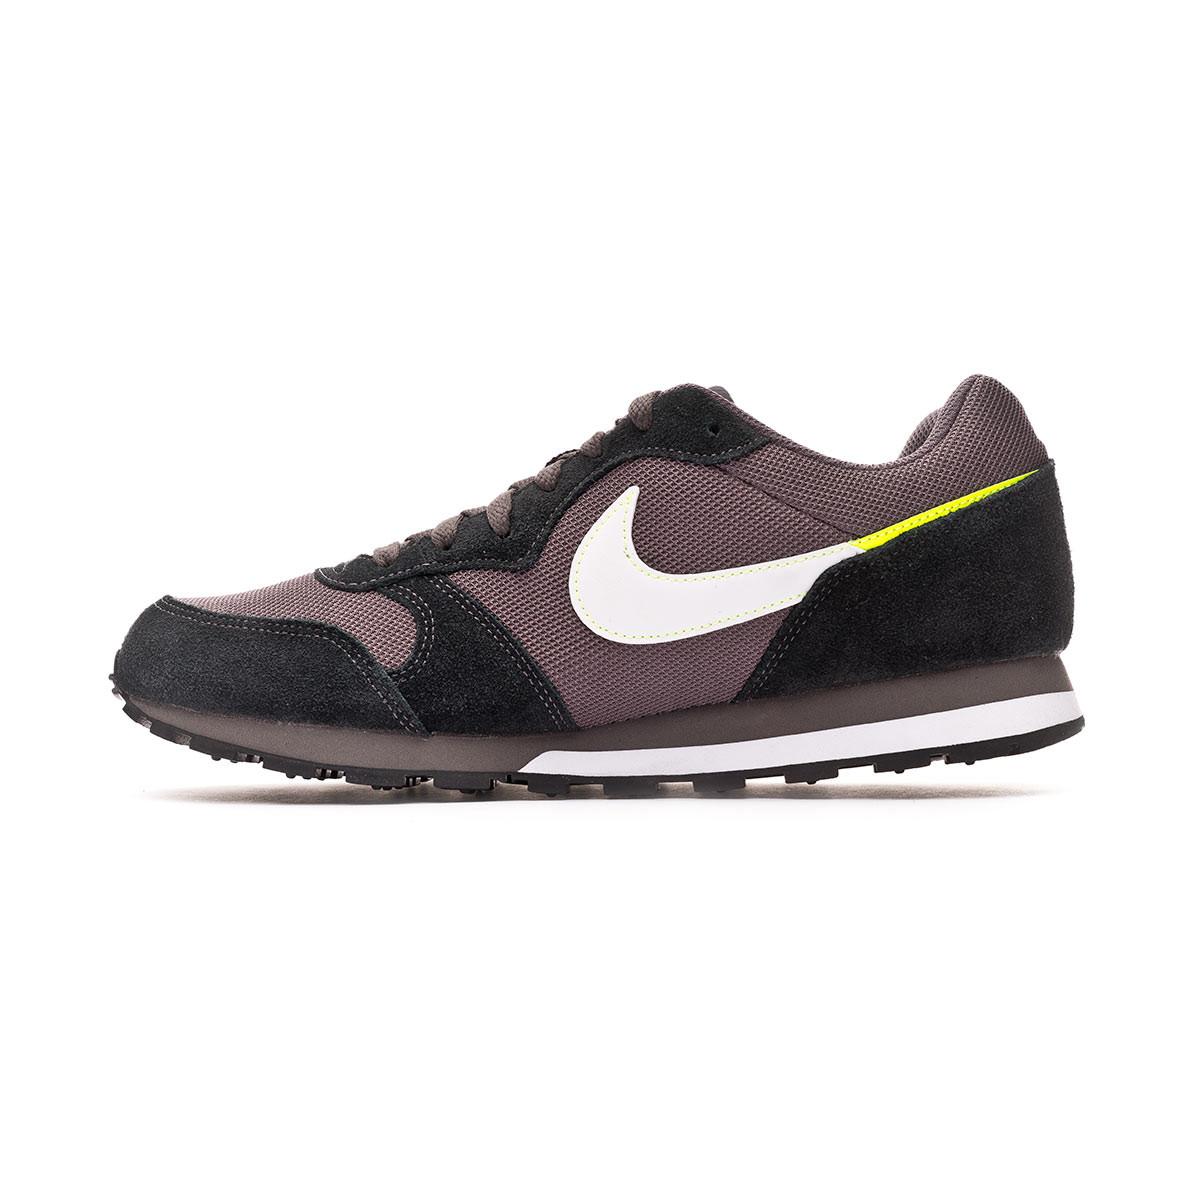 Sapatilha Nike MD Runner II ES1